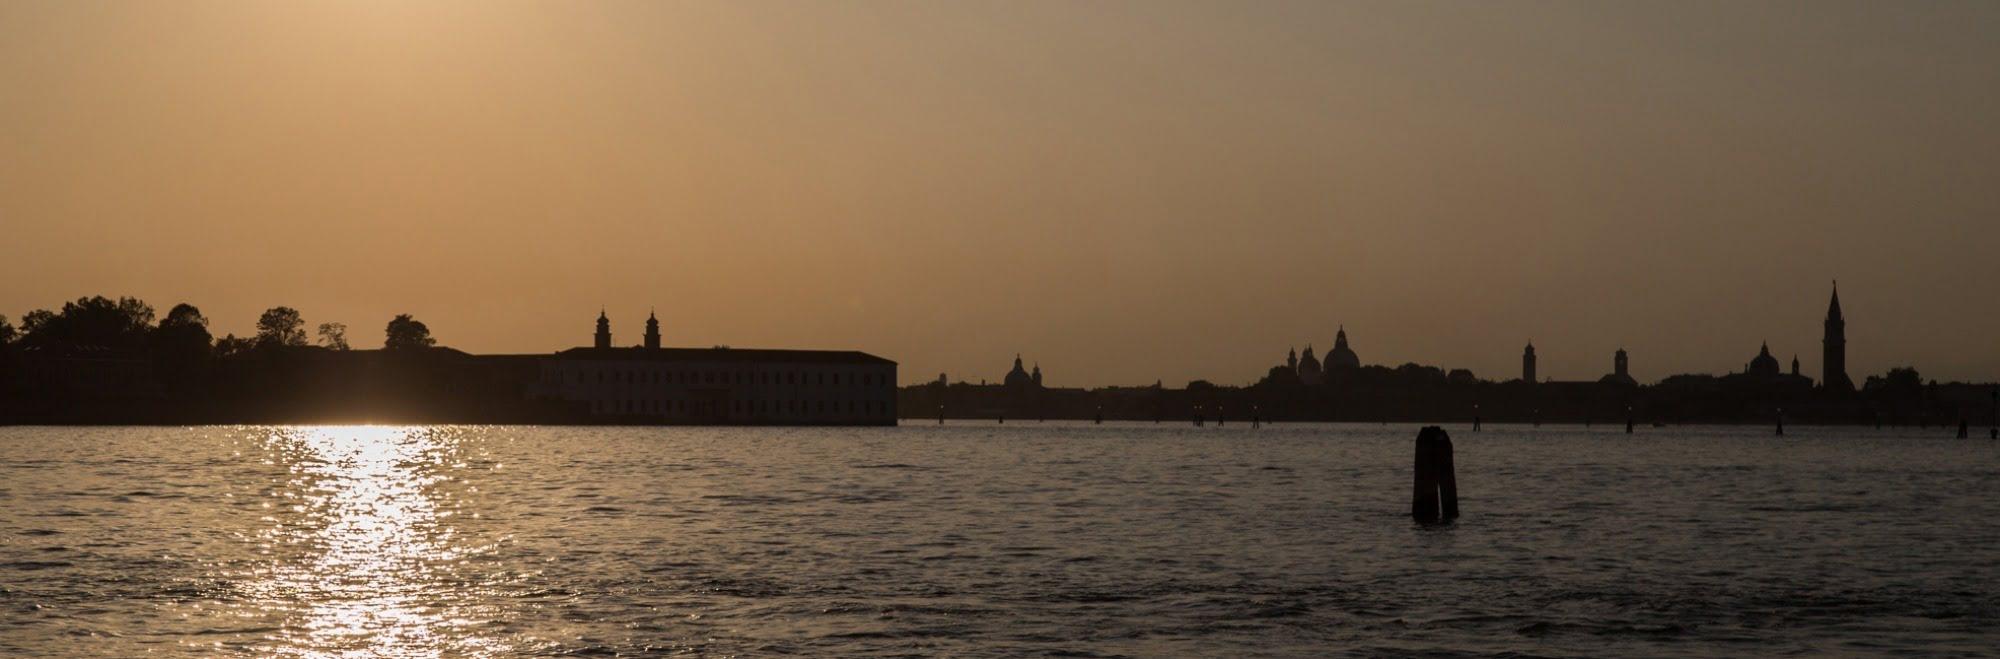 Hotel La Meridiana Lido Venezia